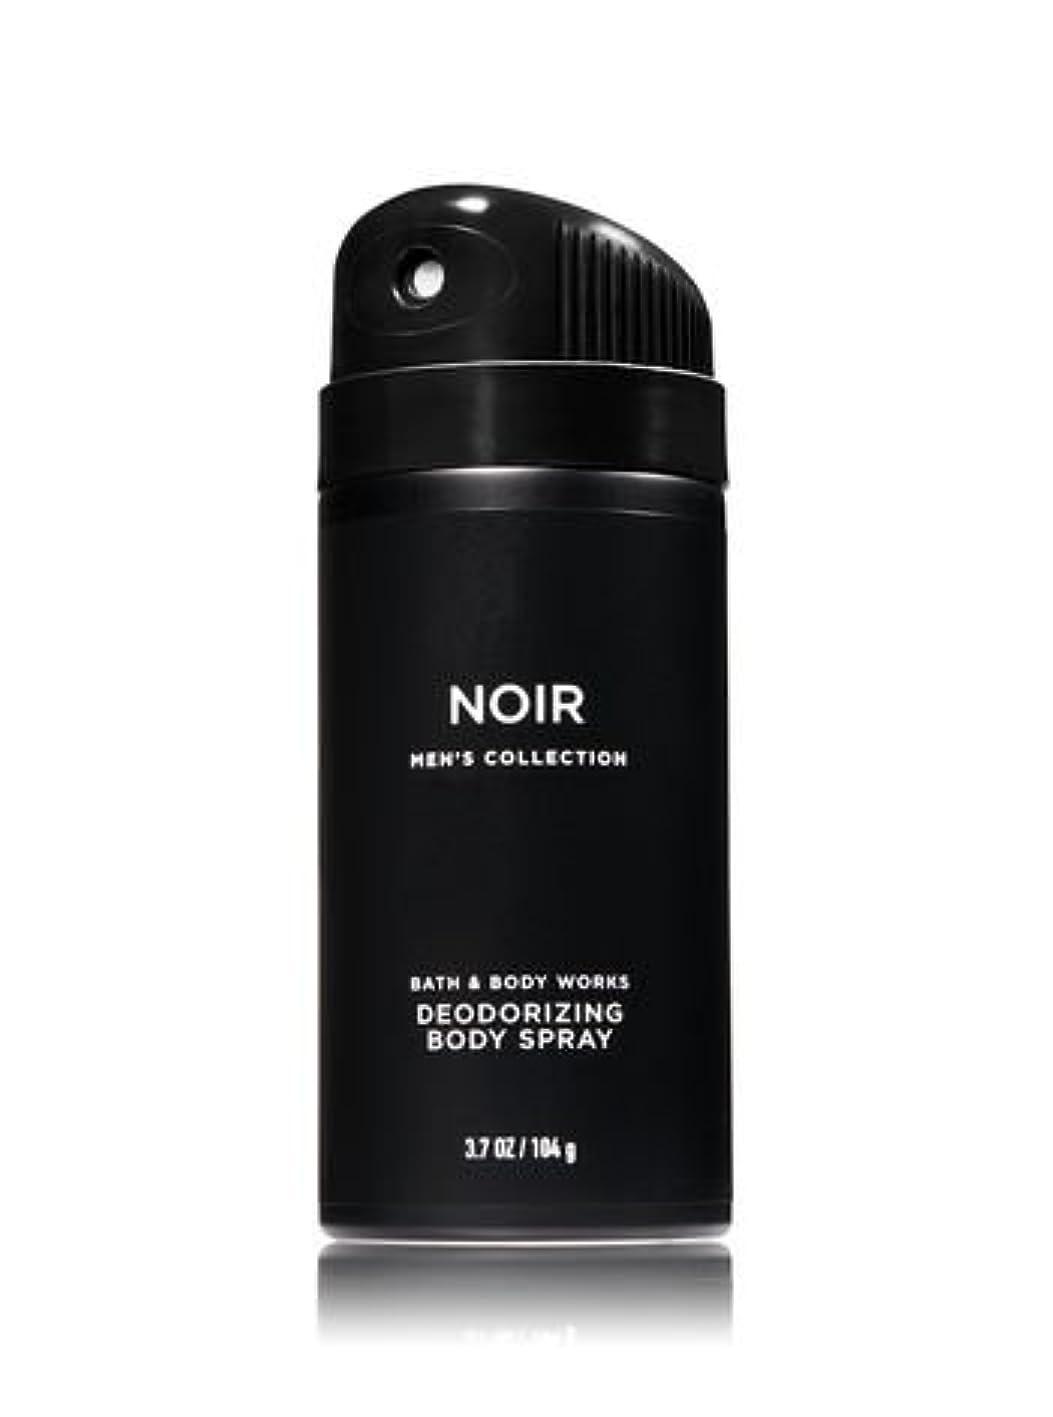 ズームインする告発開発するバス&ボディワークス ノアール フォーメン デオドラント スプレー NOIR For MEN Deodoraizing Body Spray [並行輸入品]